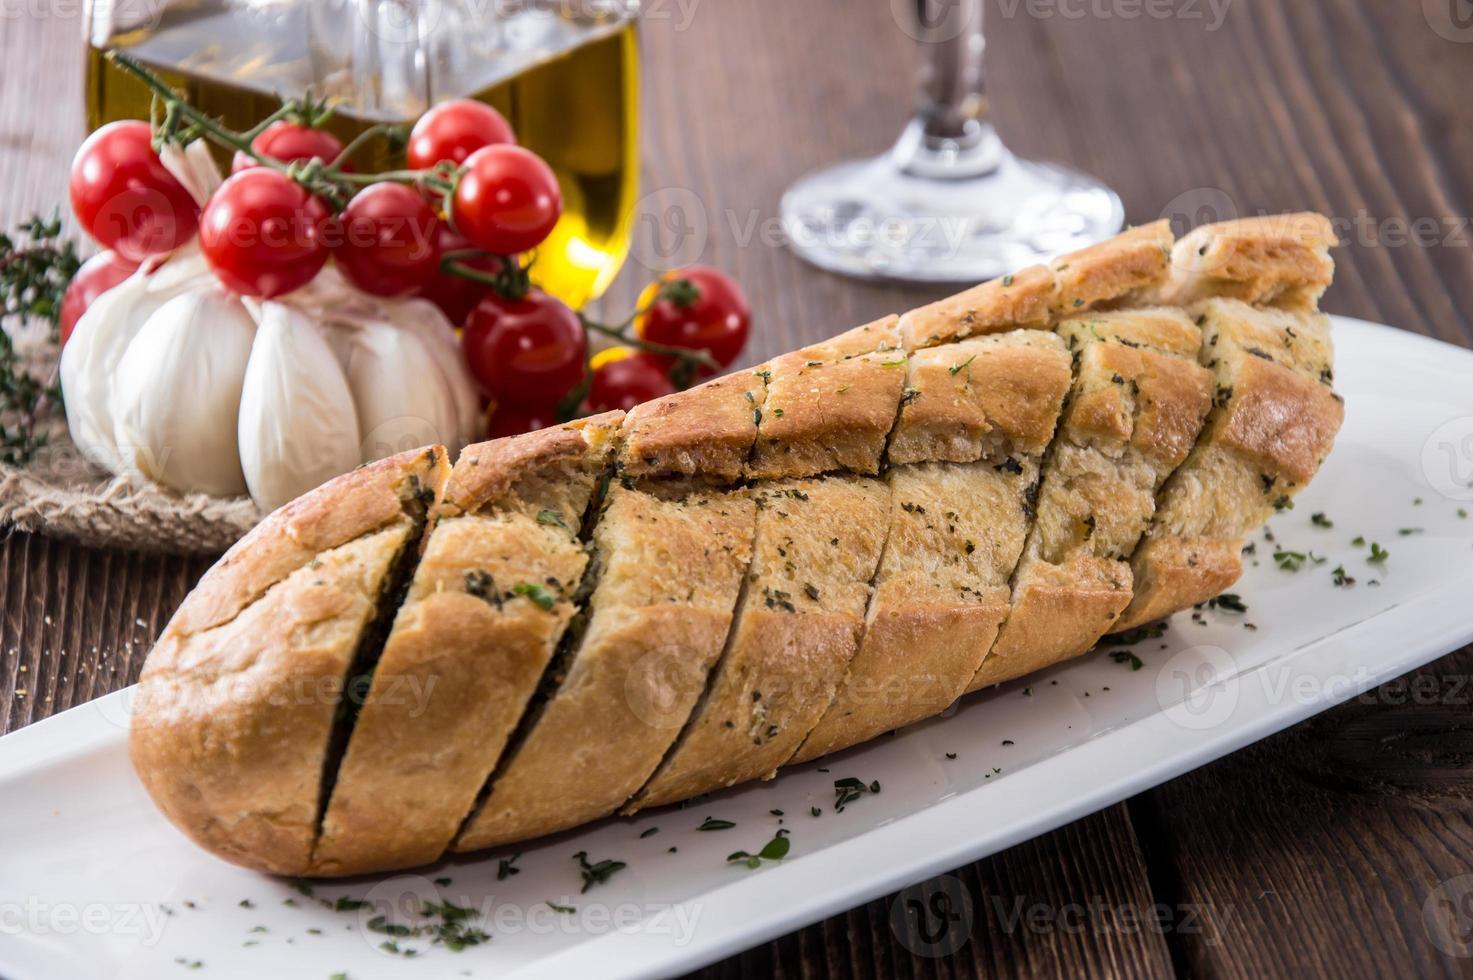 Fresh Garlic Bread on a plate photo